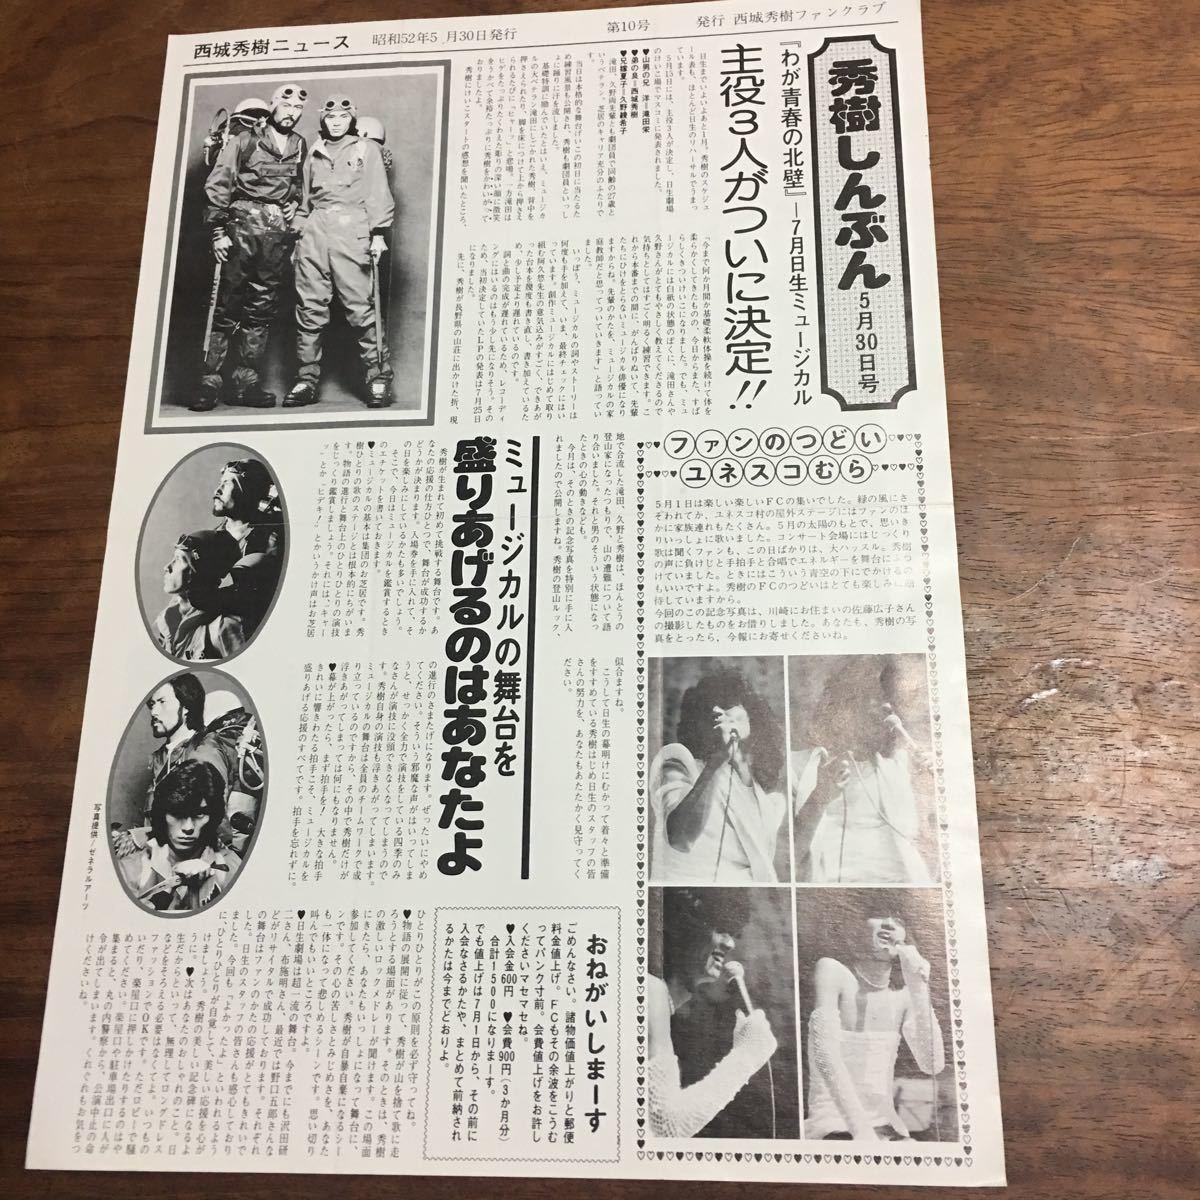 西城秀樹 ファンクラブ会報誌 西城秀樹ニュース 昭和51年 6号~10号_画像5